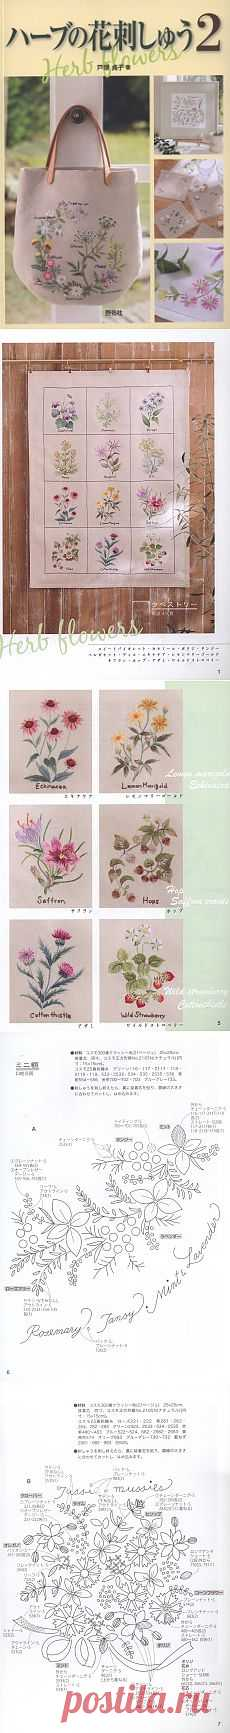 Herb Flowers 2.